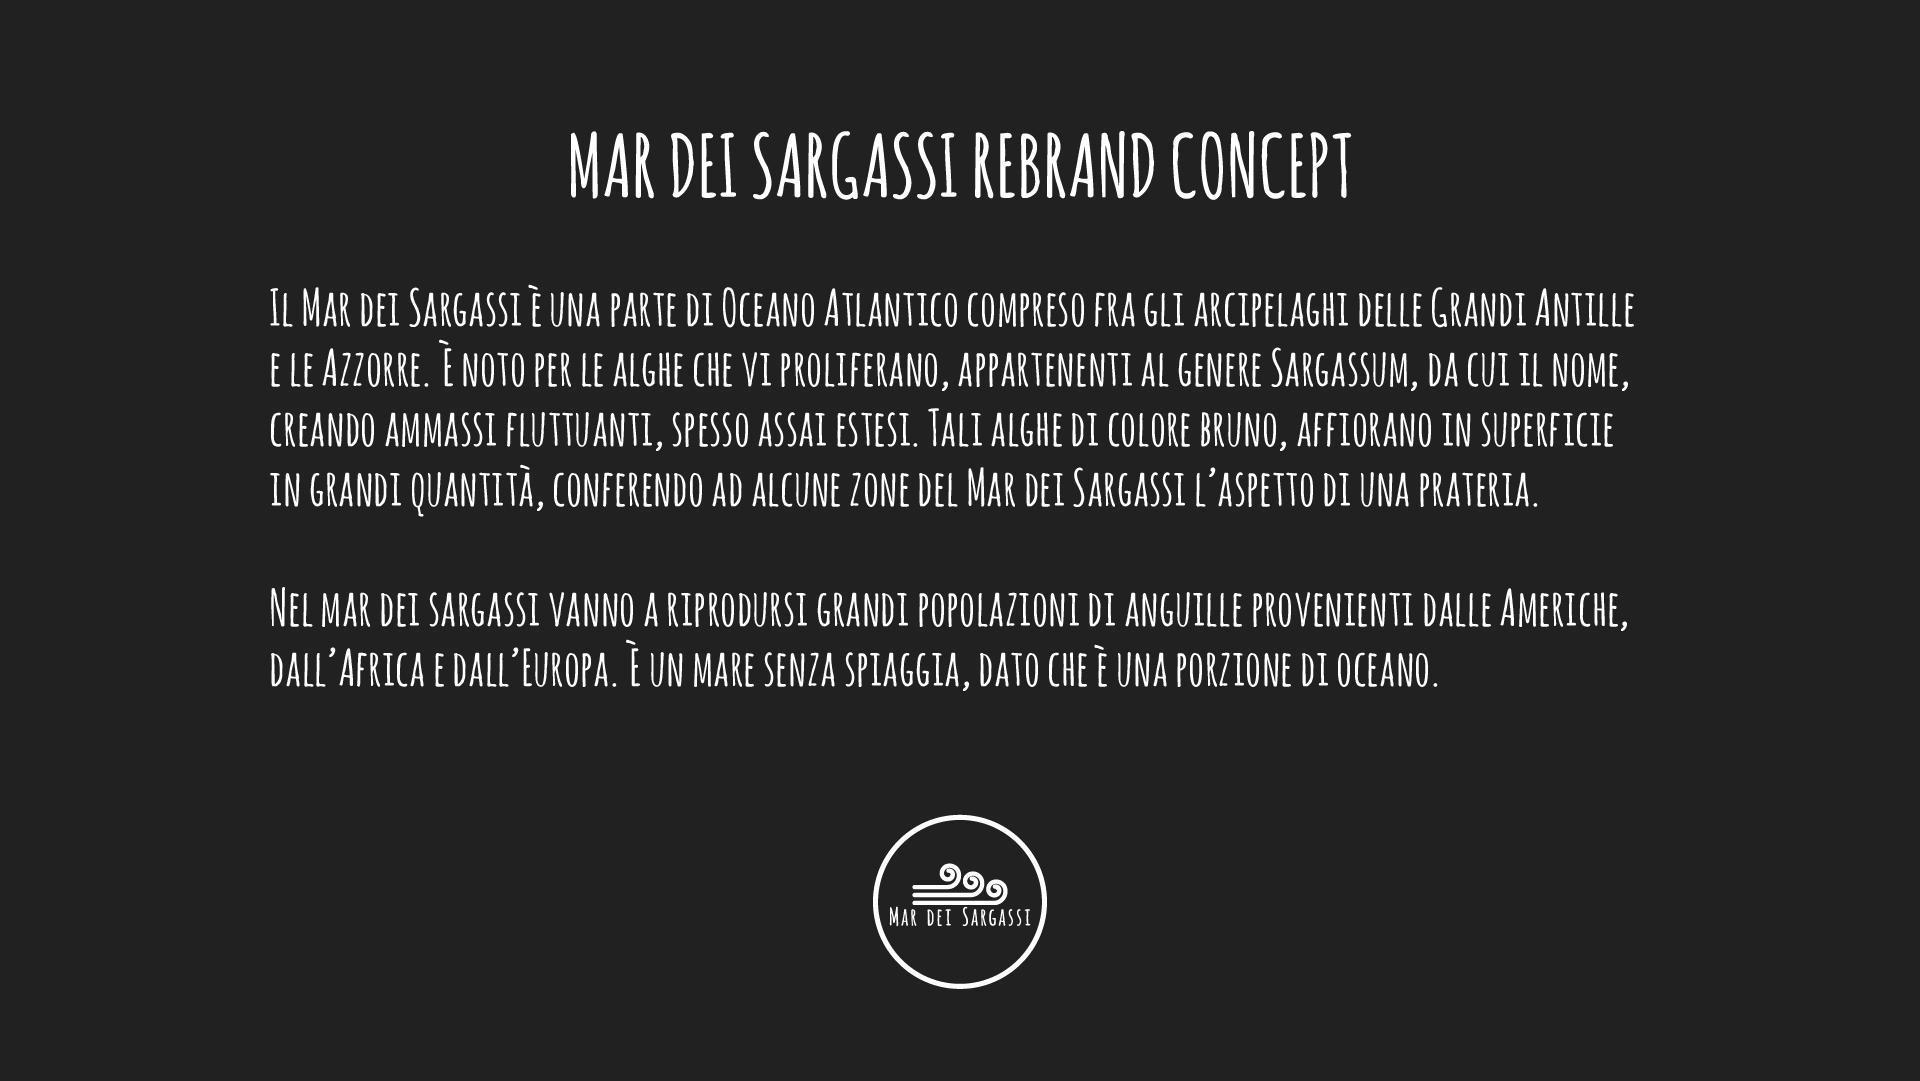 portfolio-mar-dei-sargassi-at-elevendots